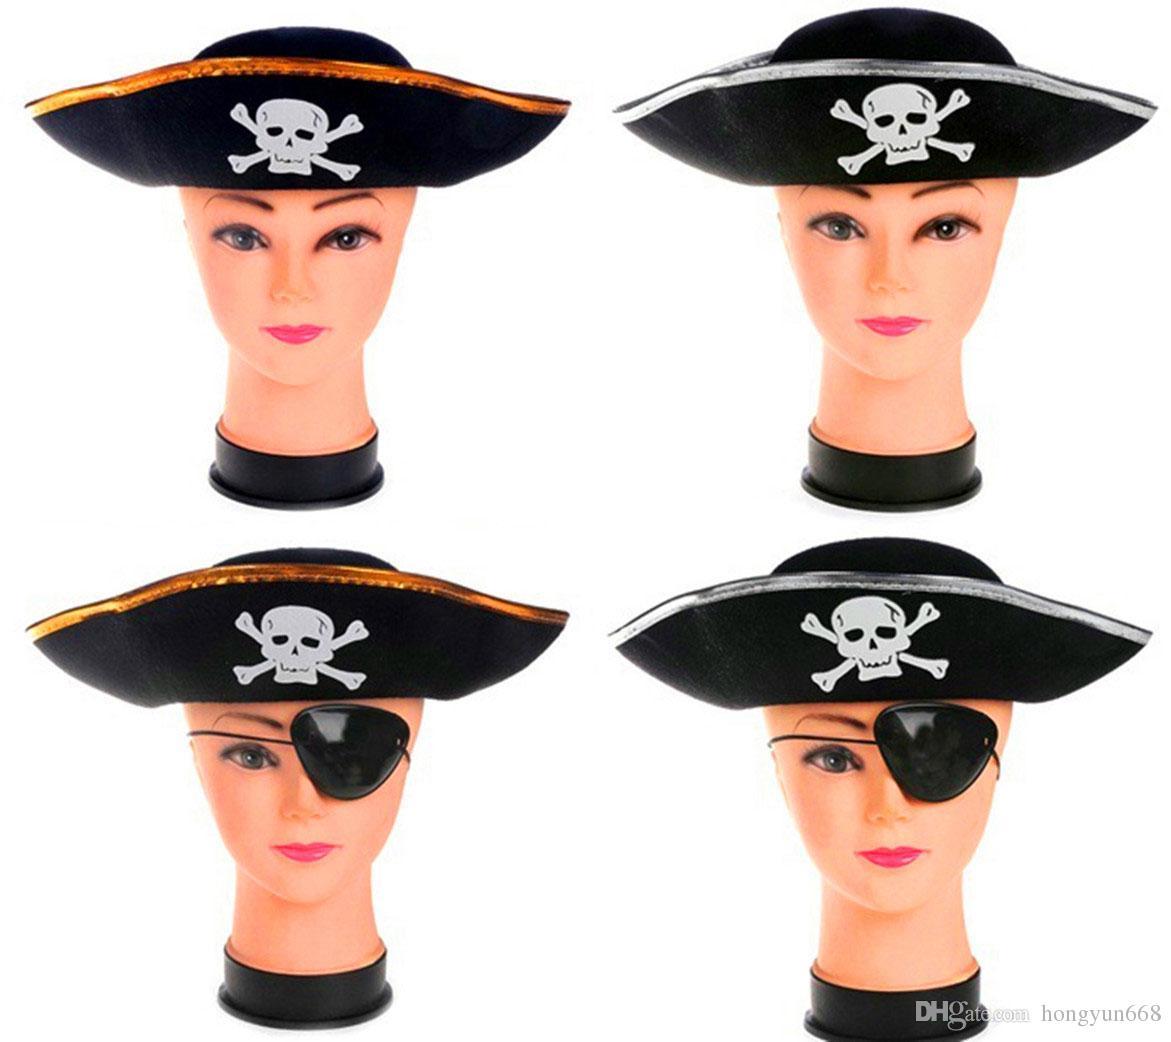 Acquista Cappello Di Halloween Cosplay Cappello Partito Adulto Bambino  Pirata Capitano Tappo Caraibico Scheletro Cappello Da Pirata A  1.17 Dal  Hongyun668 ... e6f99ed97c8b